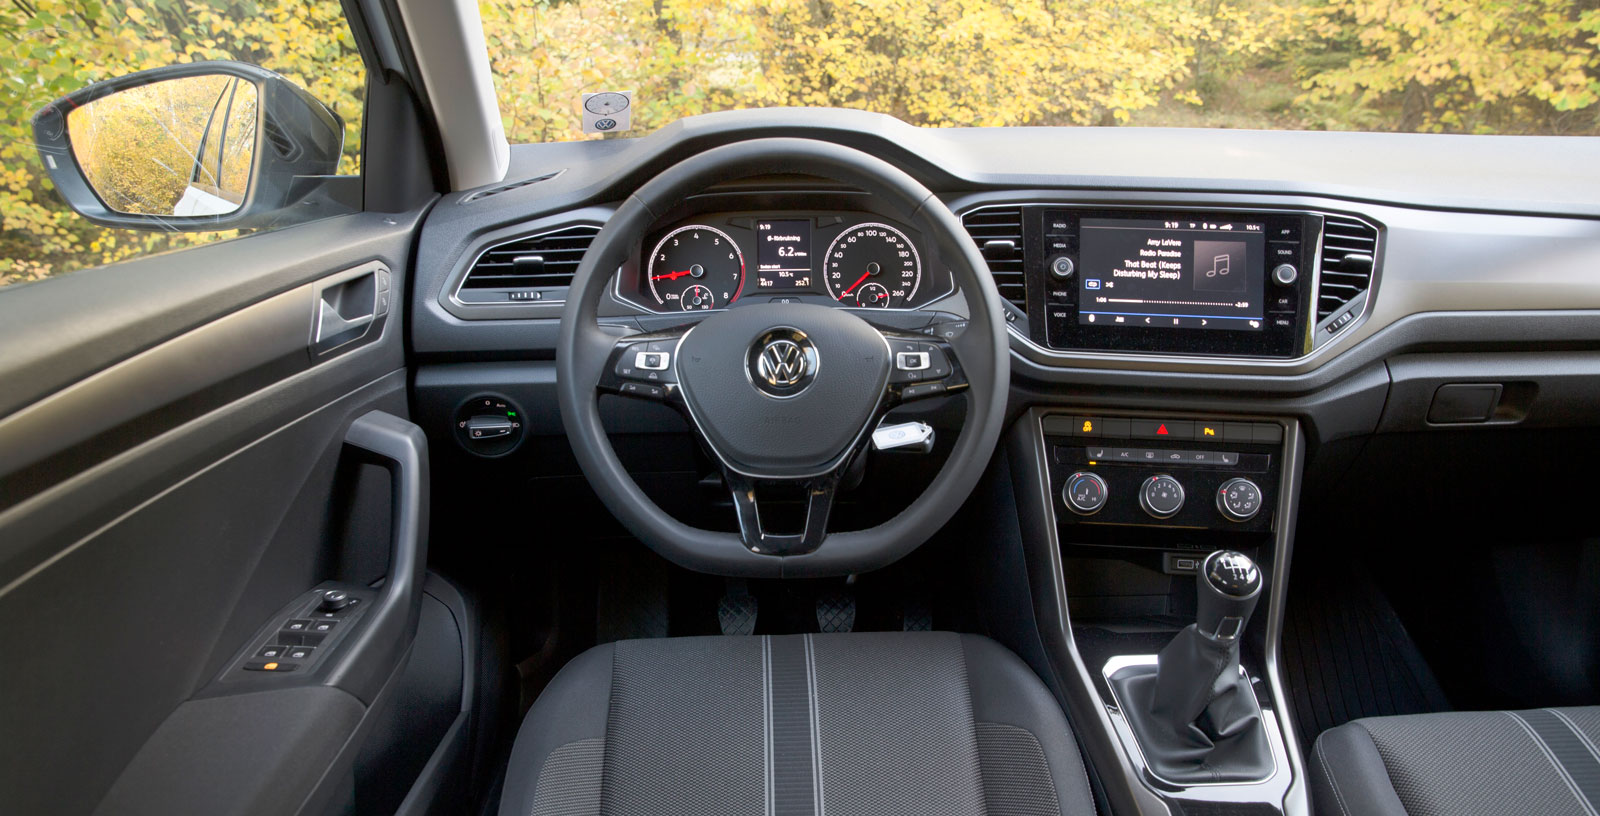 Mycket i T-Roc känns igen från andra bilar i VW-programmet. Förarstolen är skön och även i övrigt får ergonomin godkänt, liksom kvalitetskänslan. (Bild 2.)